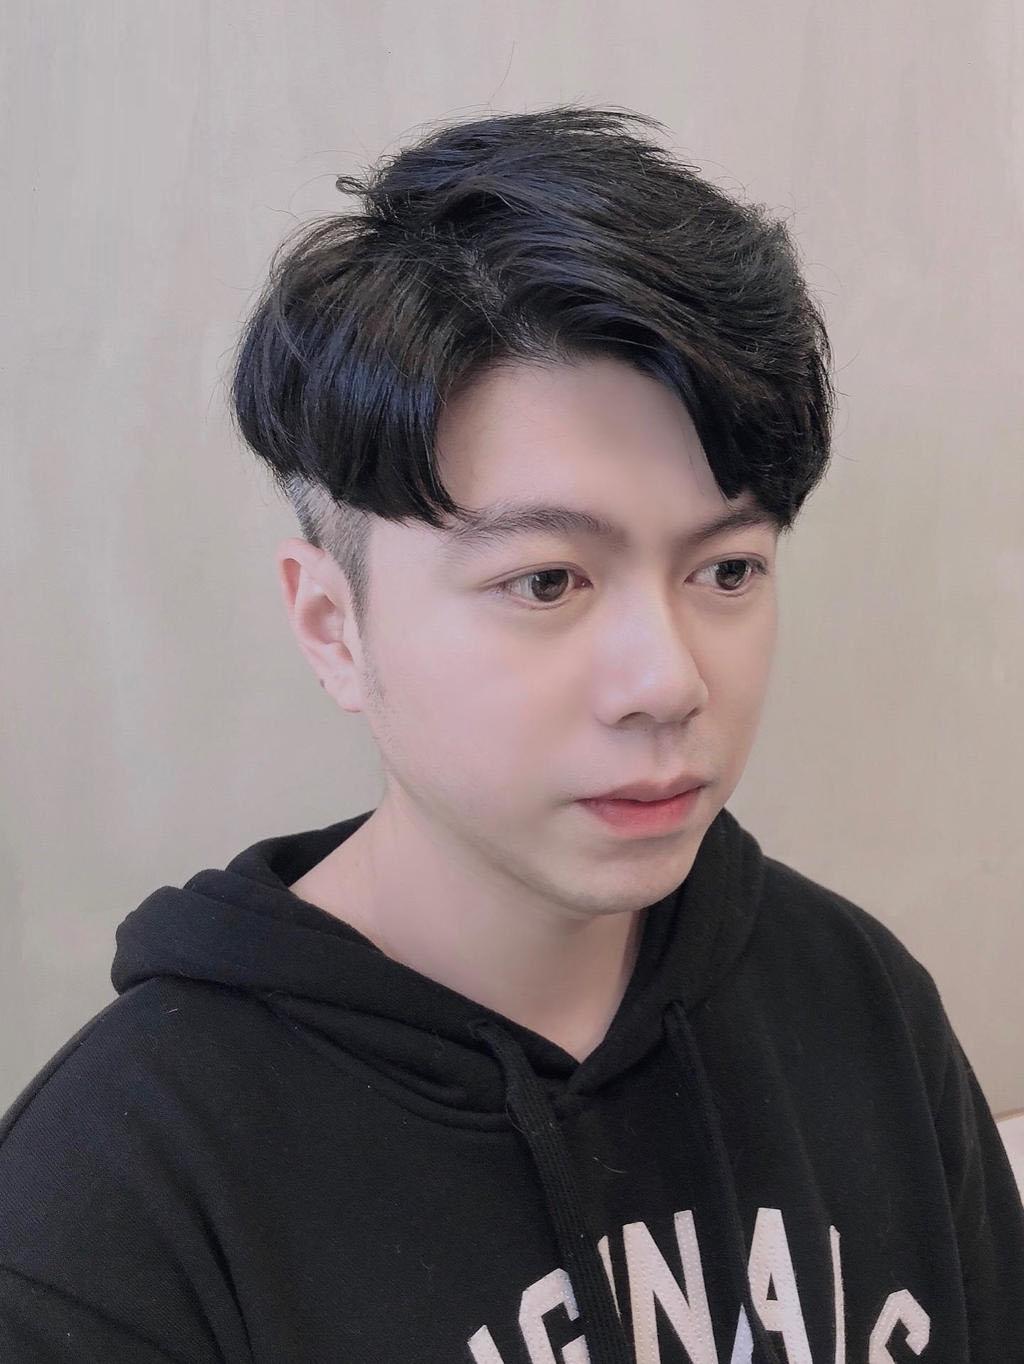 露額頭、旁分的歐巴漸層卷,替你創造溫柔質感又獨特的紳士短髮Look